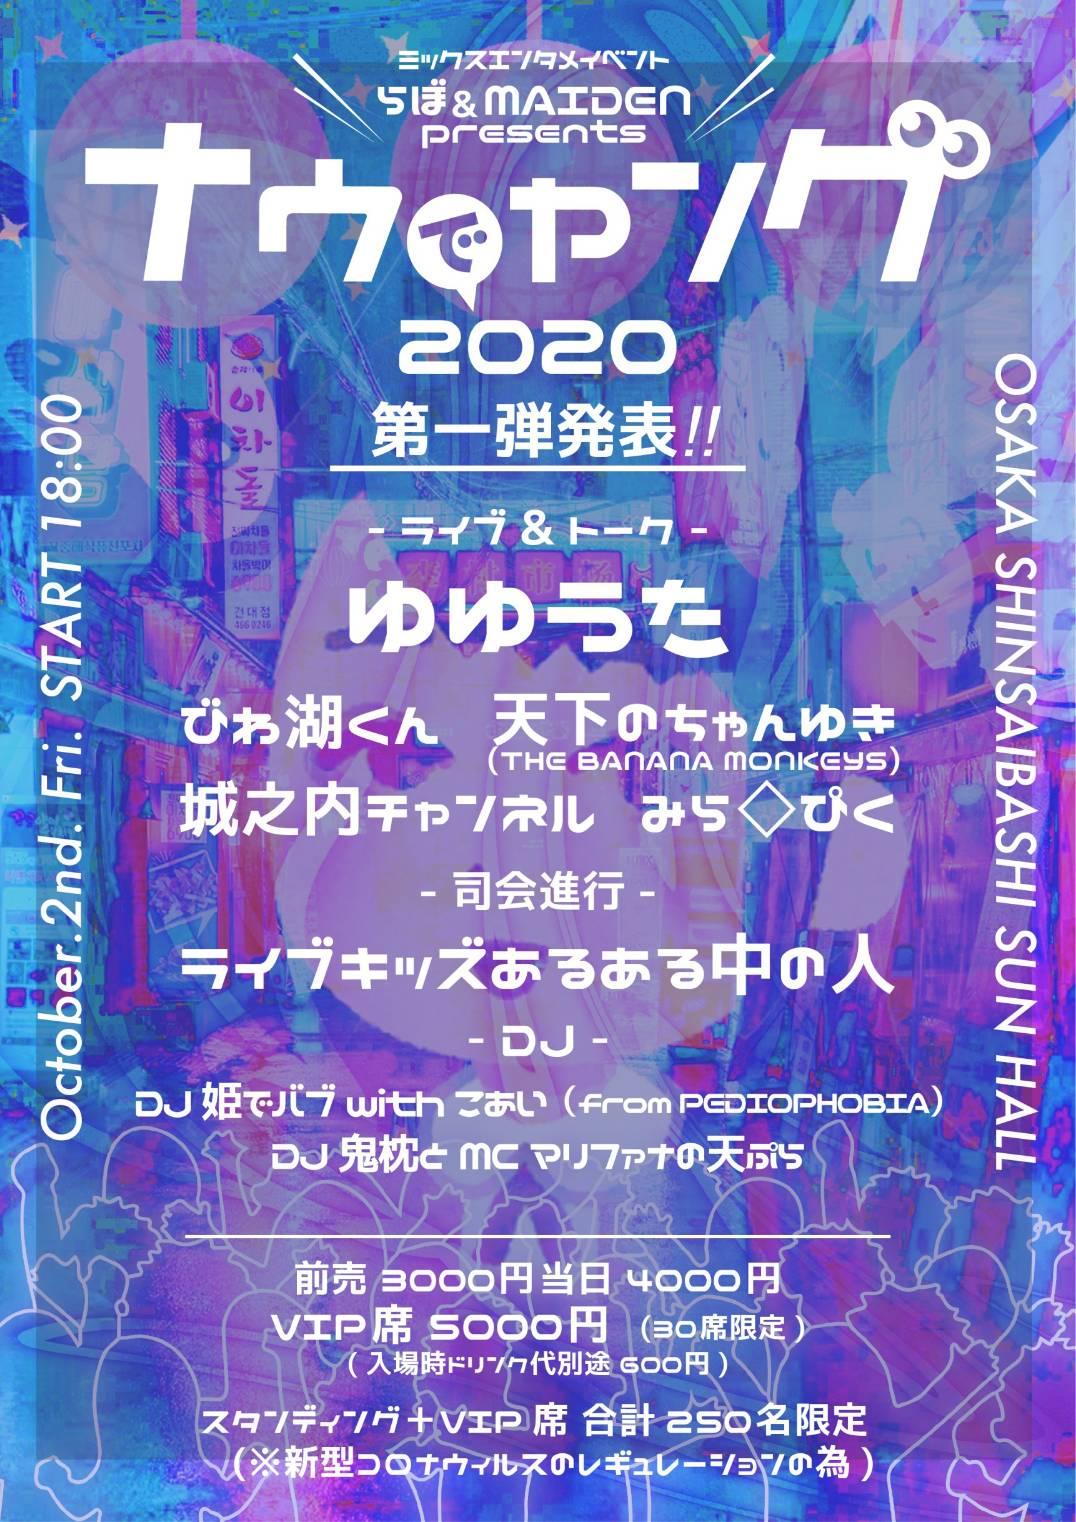 らぼ×MAIDEN presents 『ナウでヤング2020』